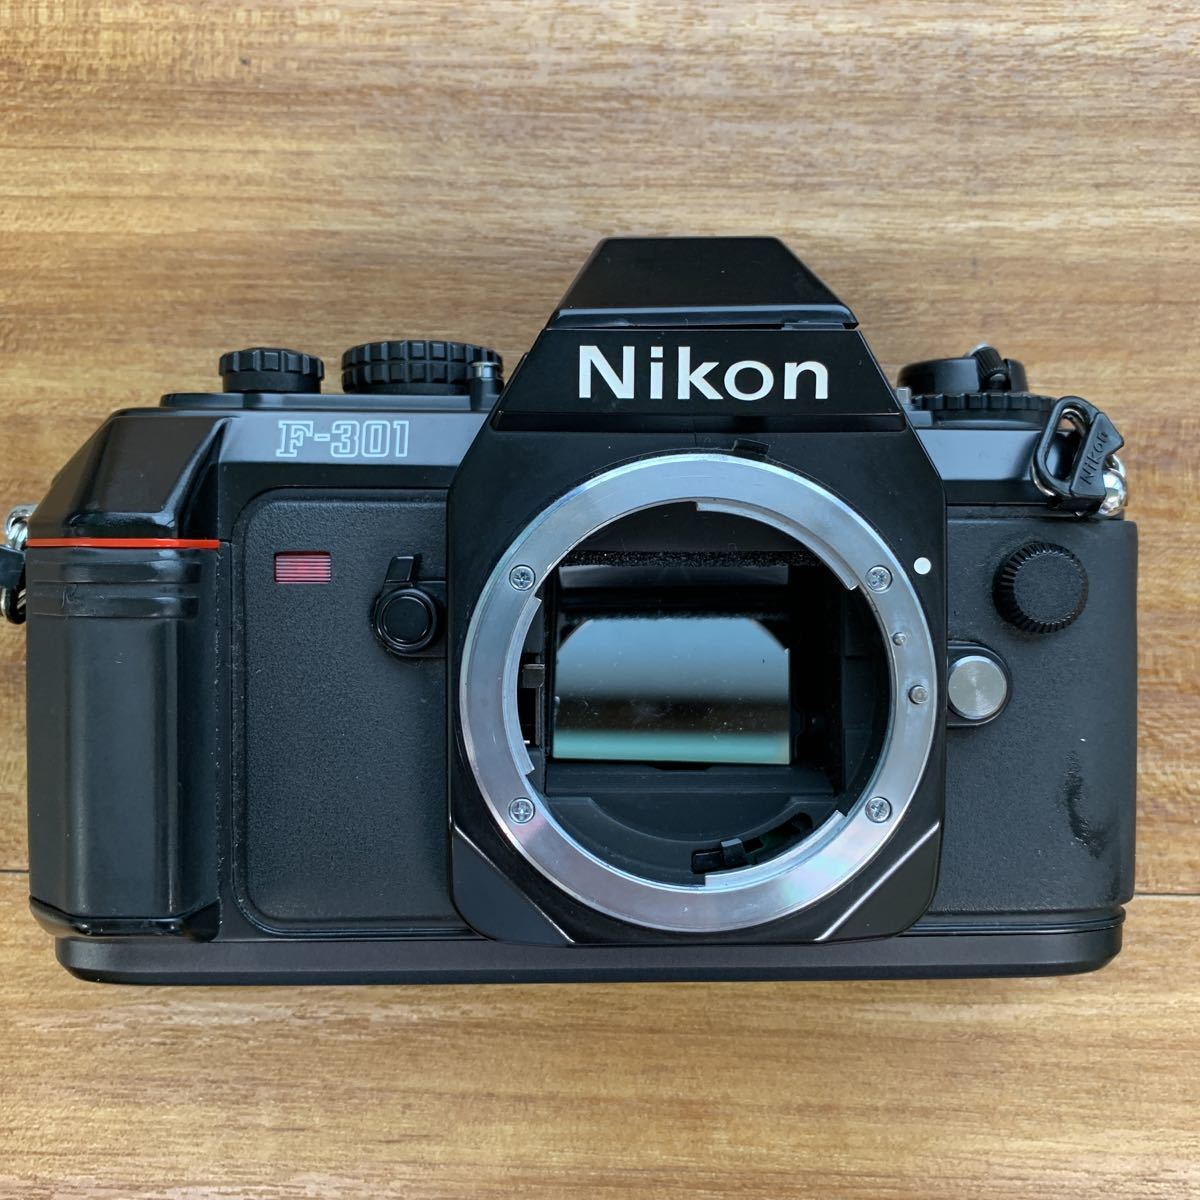 返品不可 ジャンク Nikon F 301 +minolta 110 zoom markⅡ 動作未確認 #j492_画像2